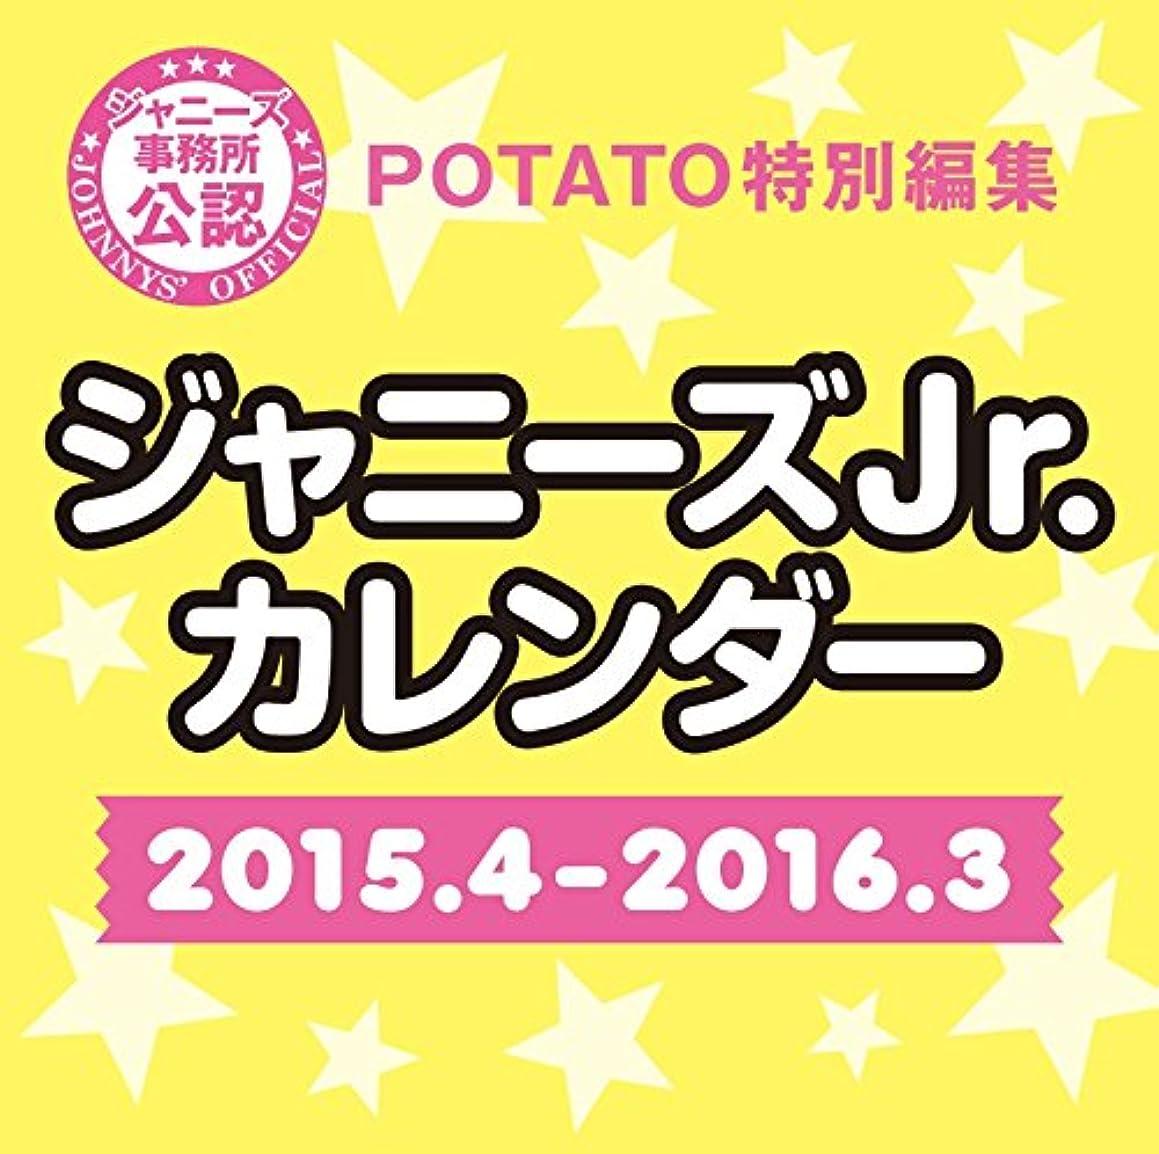 チーズ反乱入浴ジャニーズJr.カレンダー 2015.4-2016.3 ([カレンダー])